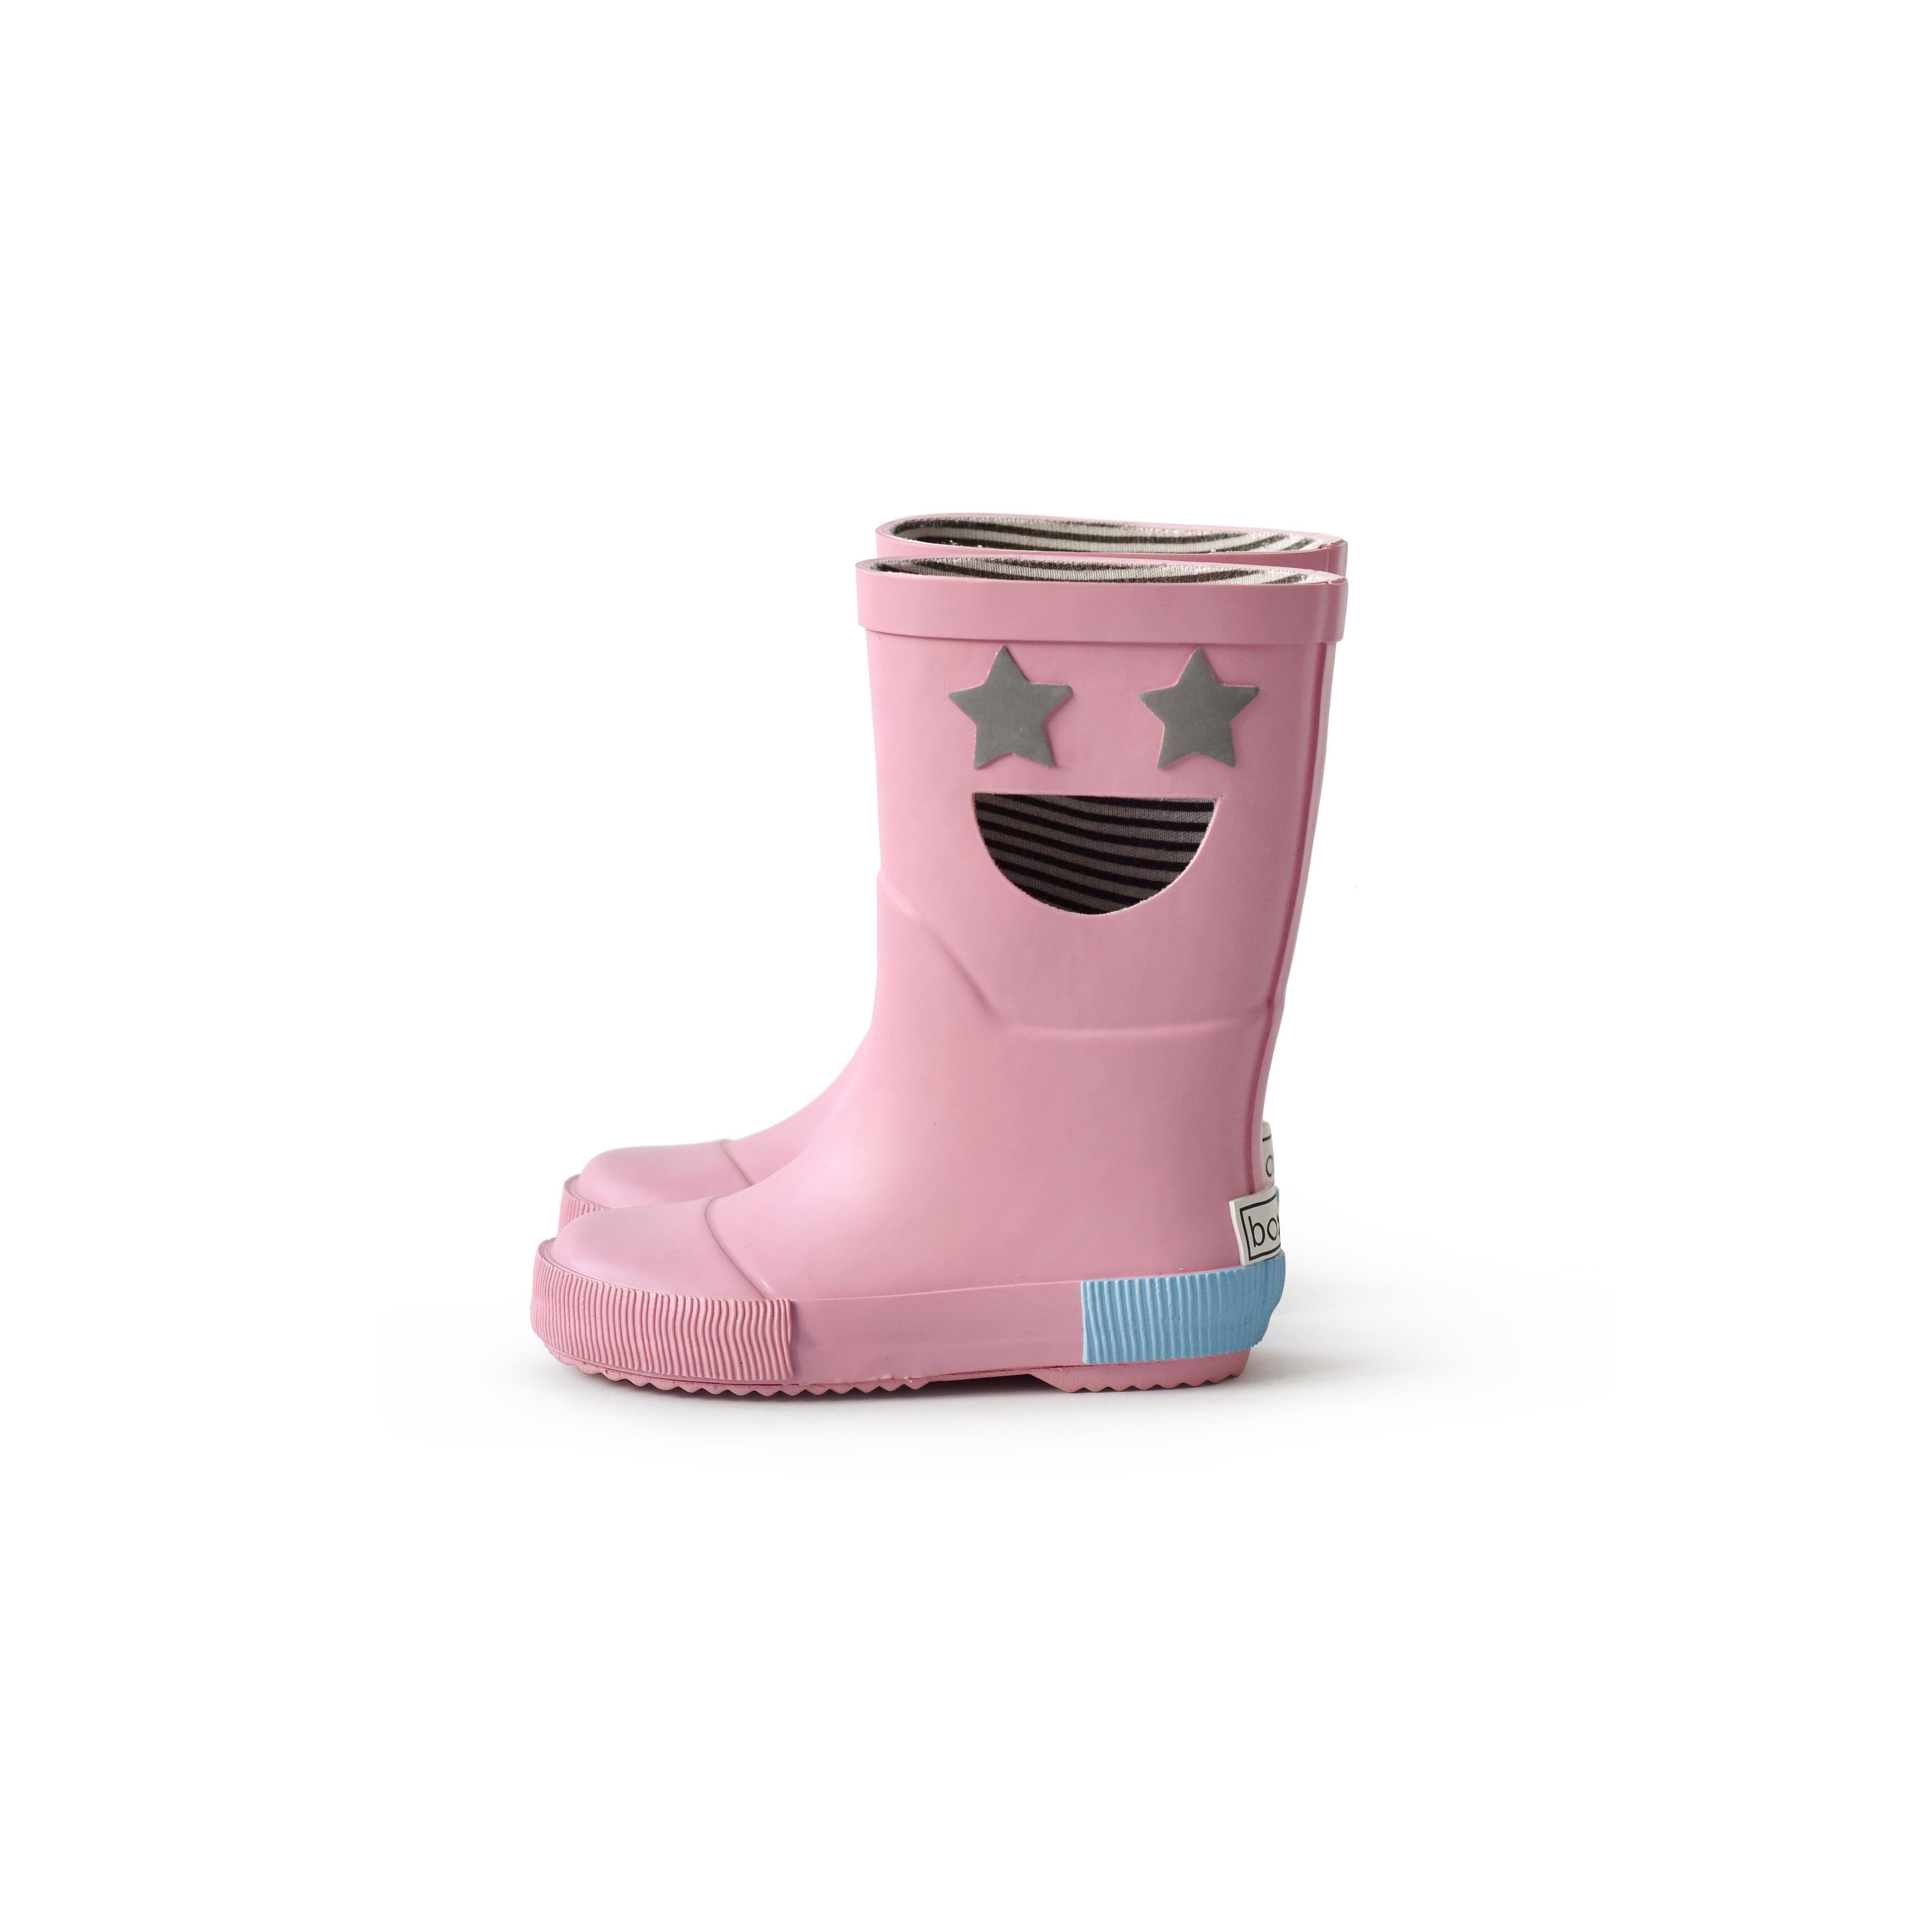 BOXBO 法國時尚雨靴 / 我愛笑瞇瞇系列-蜜糖粉